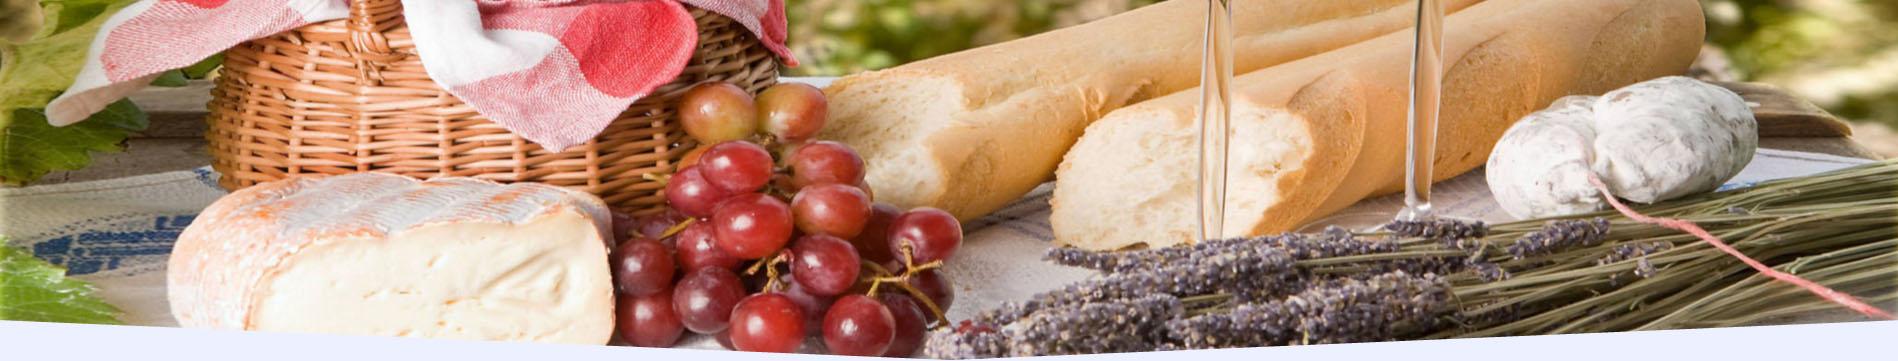 Gastronomia Bannerone